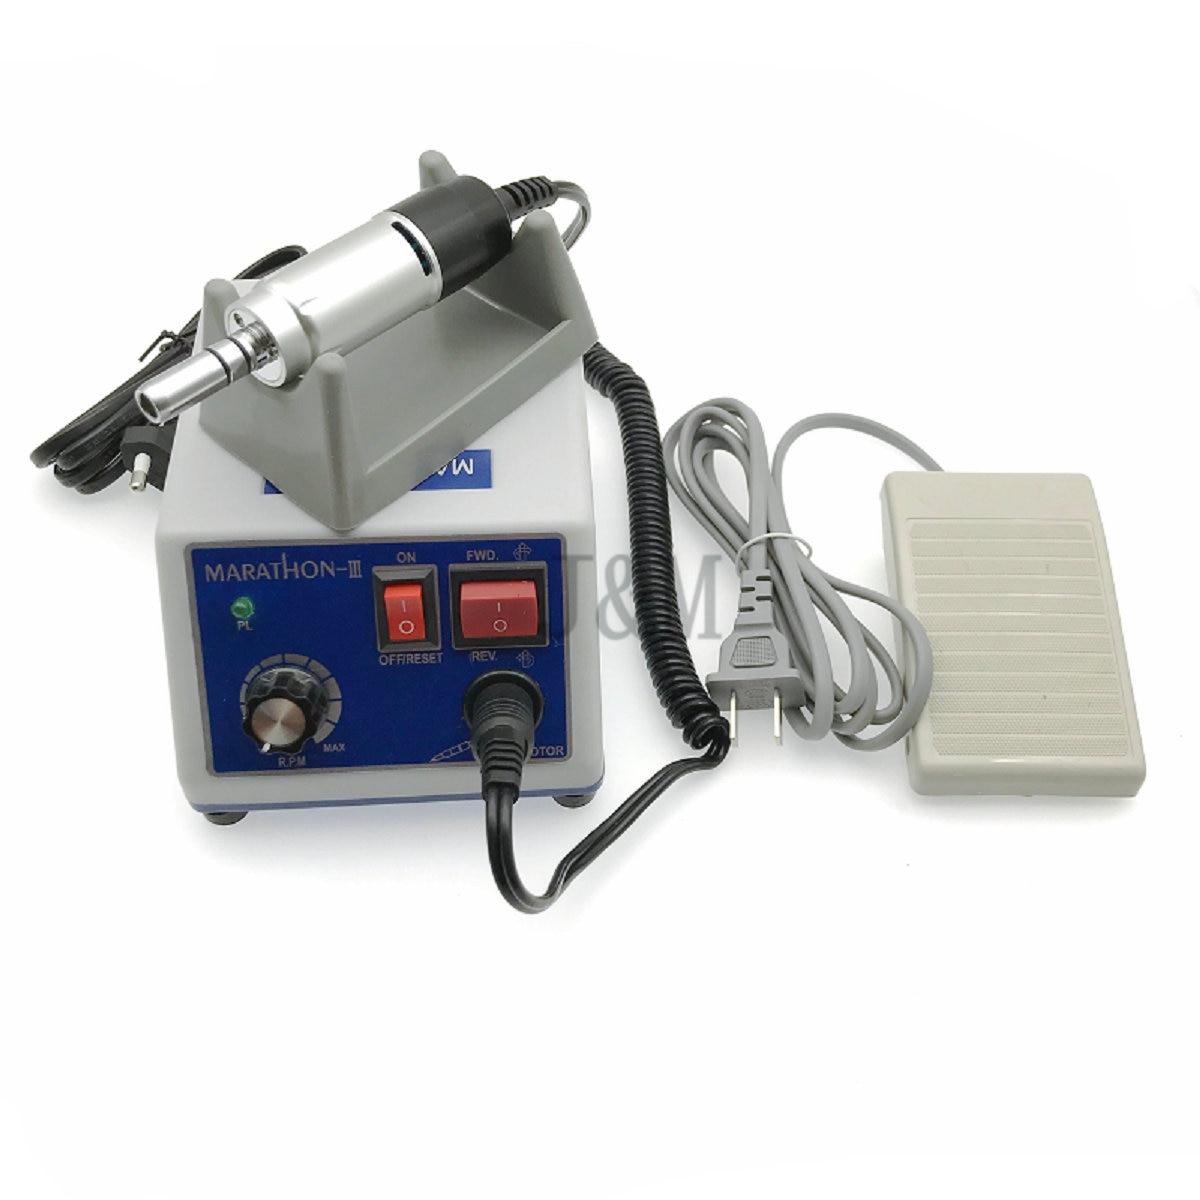 Dental Lab MARATHON Micromoteur Machine N3 + Électrique Micro Moteur